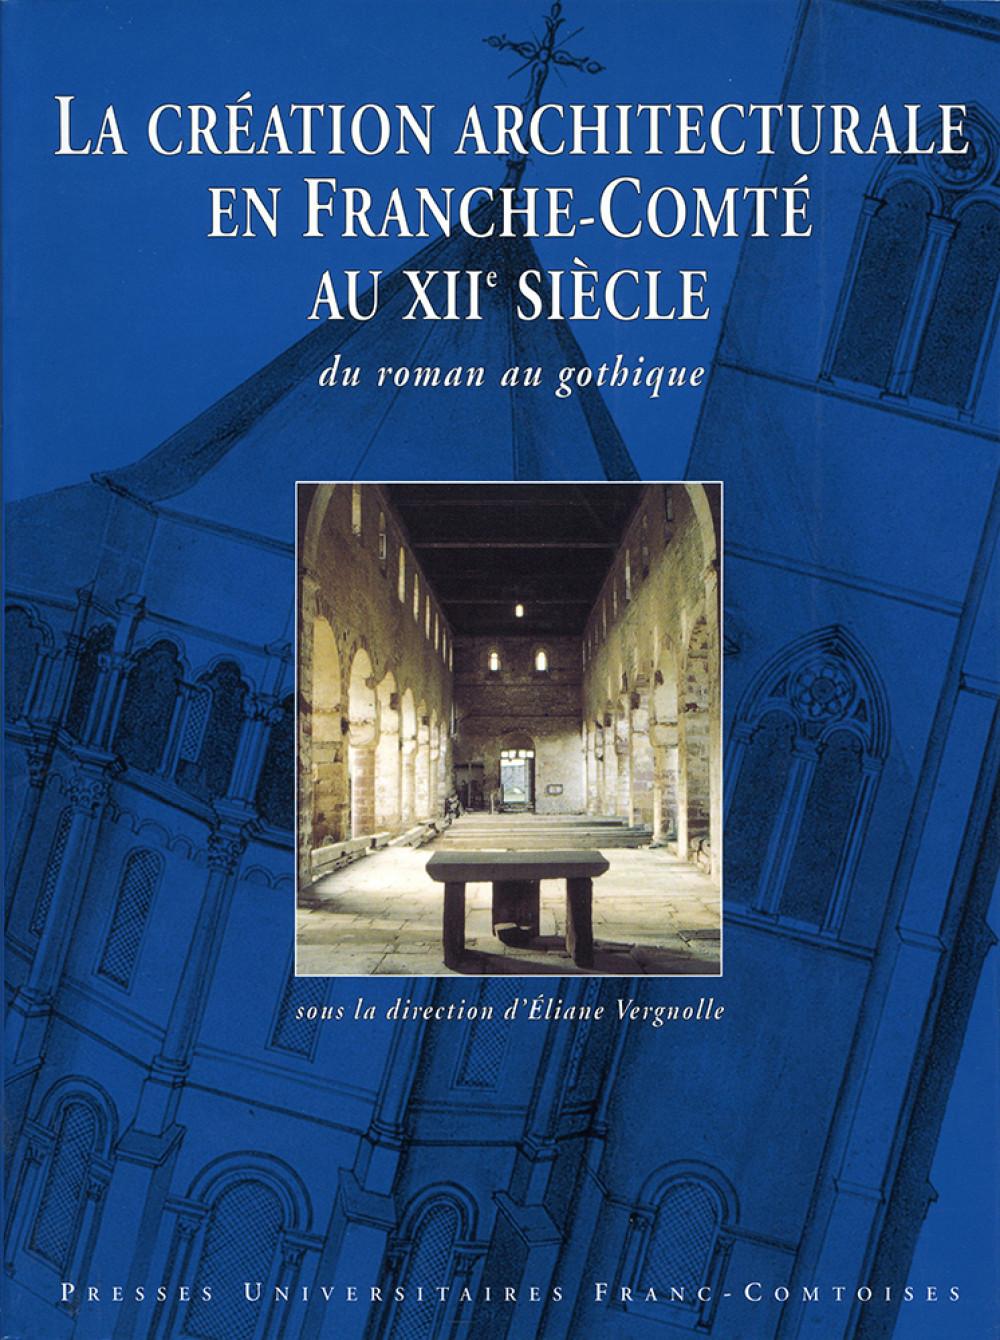 """La création architecturale en Franche-Comté au <span style=""""font-variant: small-caps"""">XII</span><sup>e</sup> siècle du roman au gothique"""